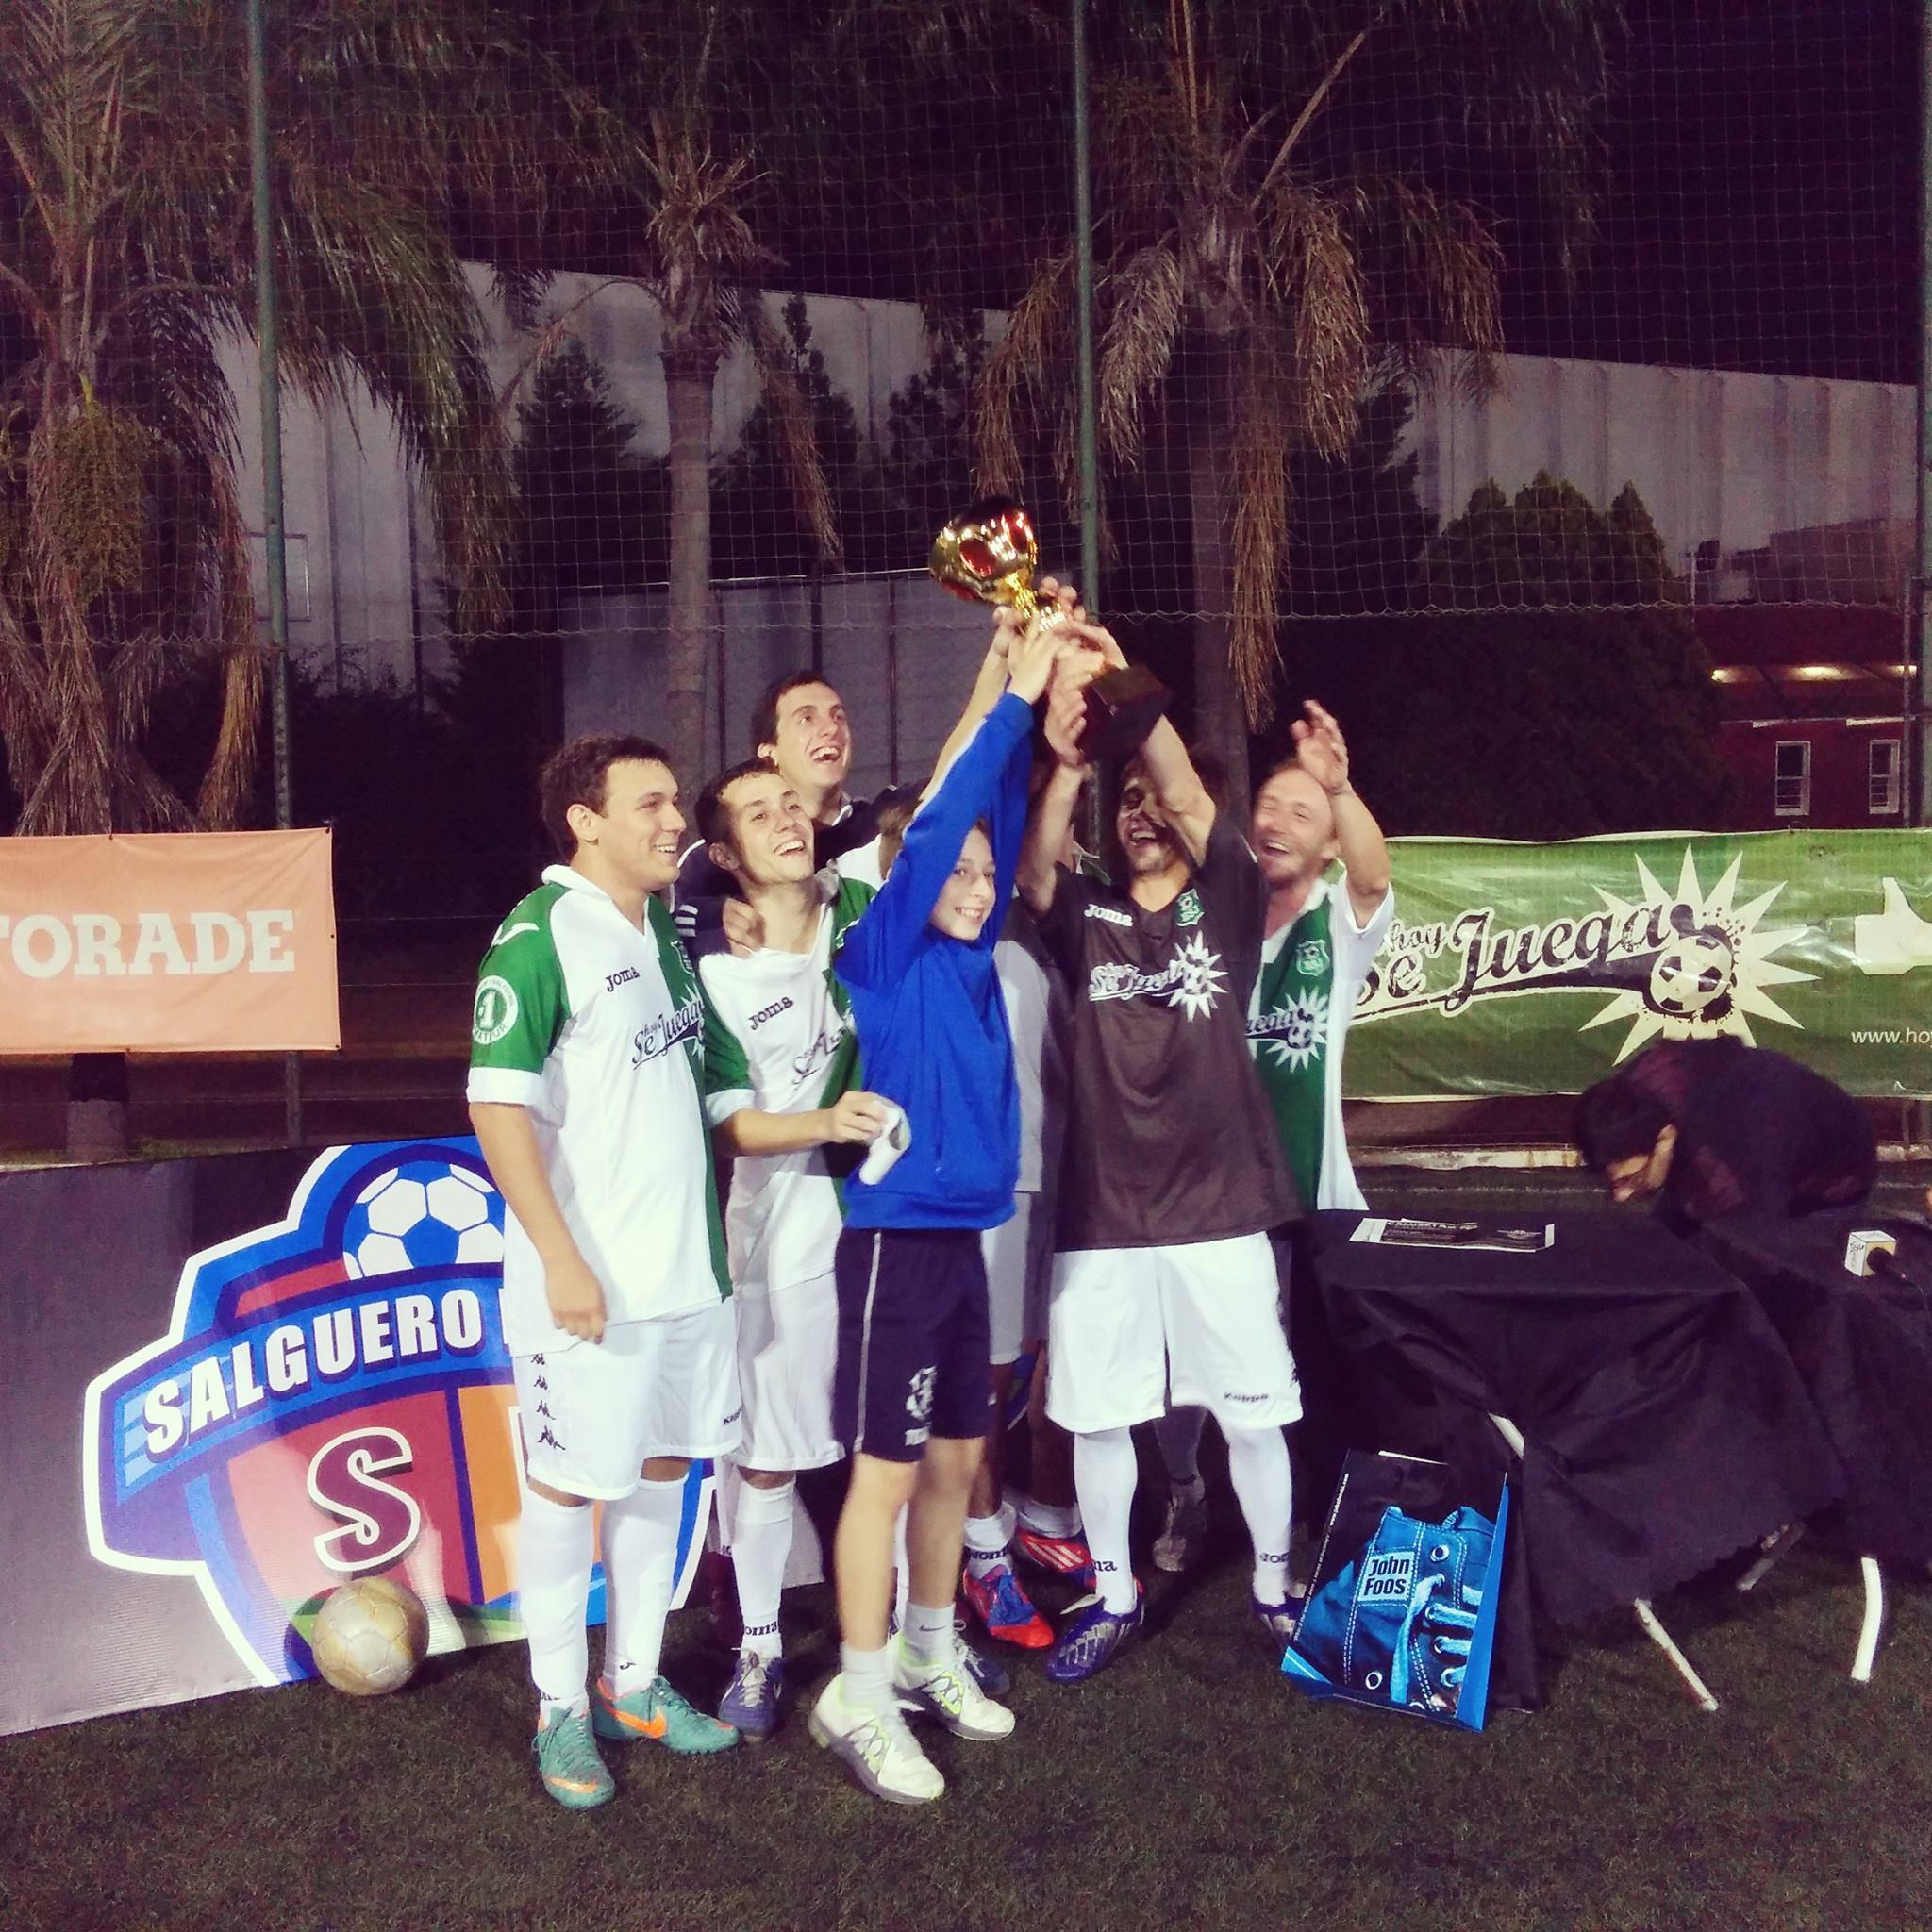 El equipo de HoySeJuega logró tras la victoria por 10 – 5 ante Mercado Libre alzarse con el trofeo de mejor equipo en el Mundial de Empresas organizado por Salguero Fútbol.